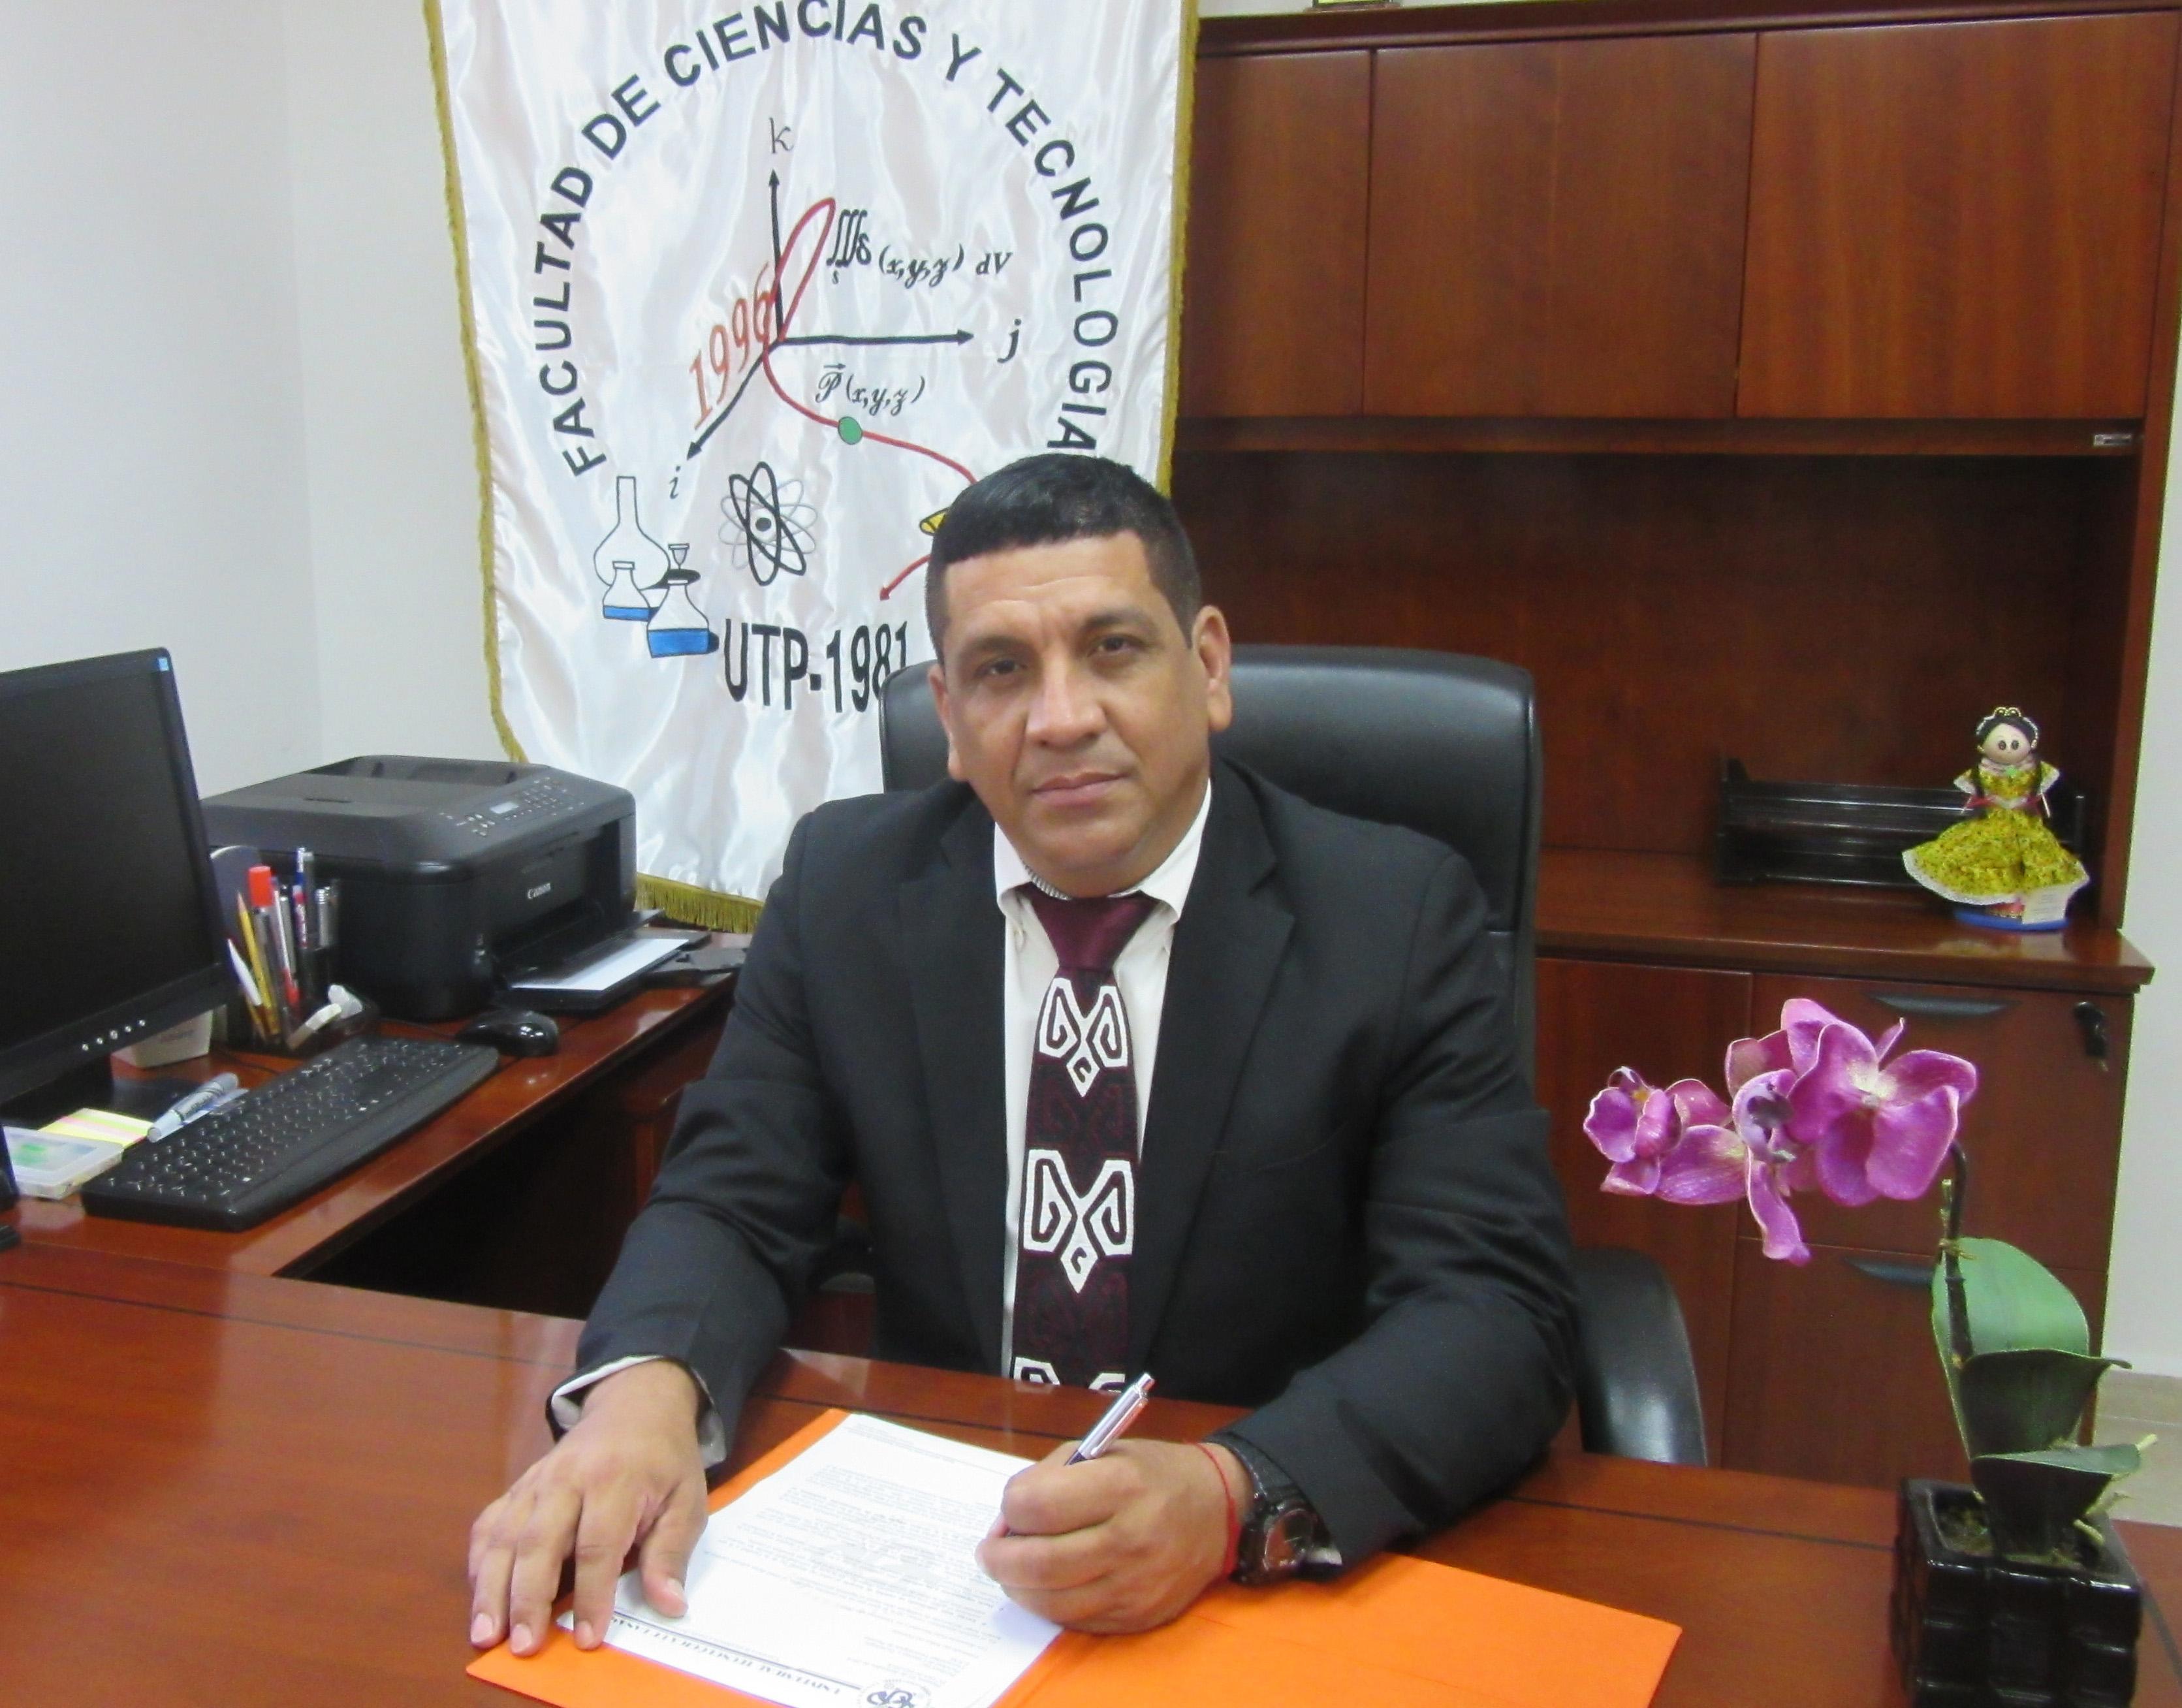 Licenciatura en Comunicación Ejecutiva Bilingüe Mgtr. David Torres